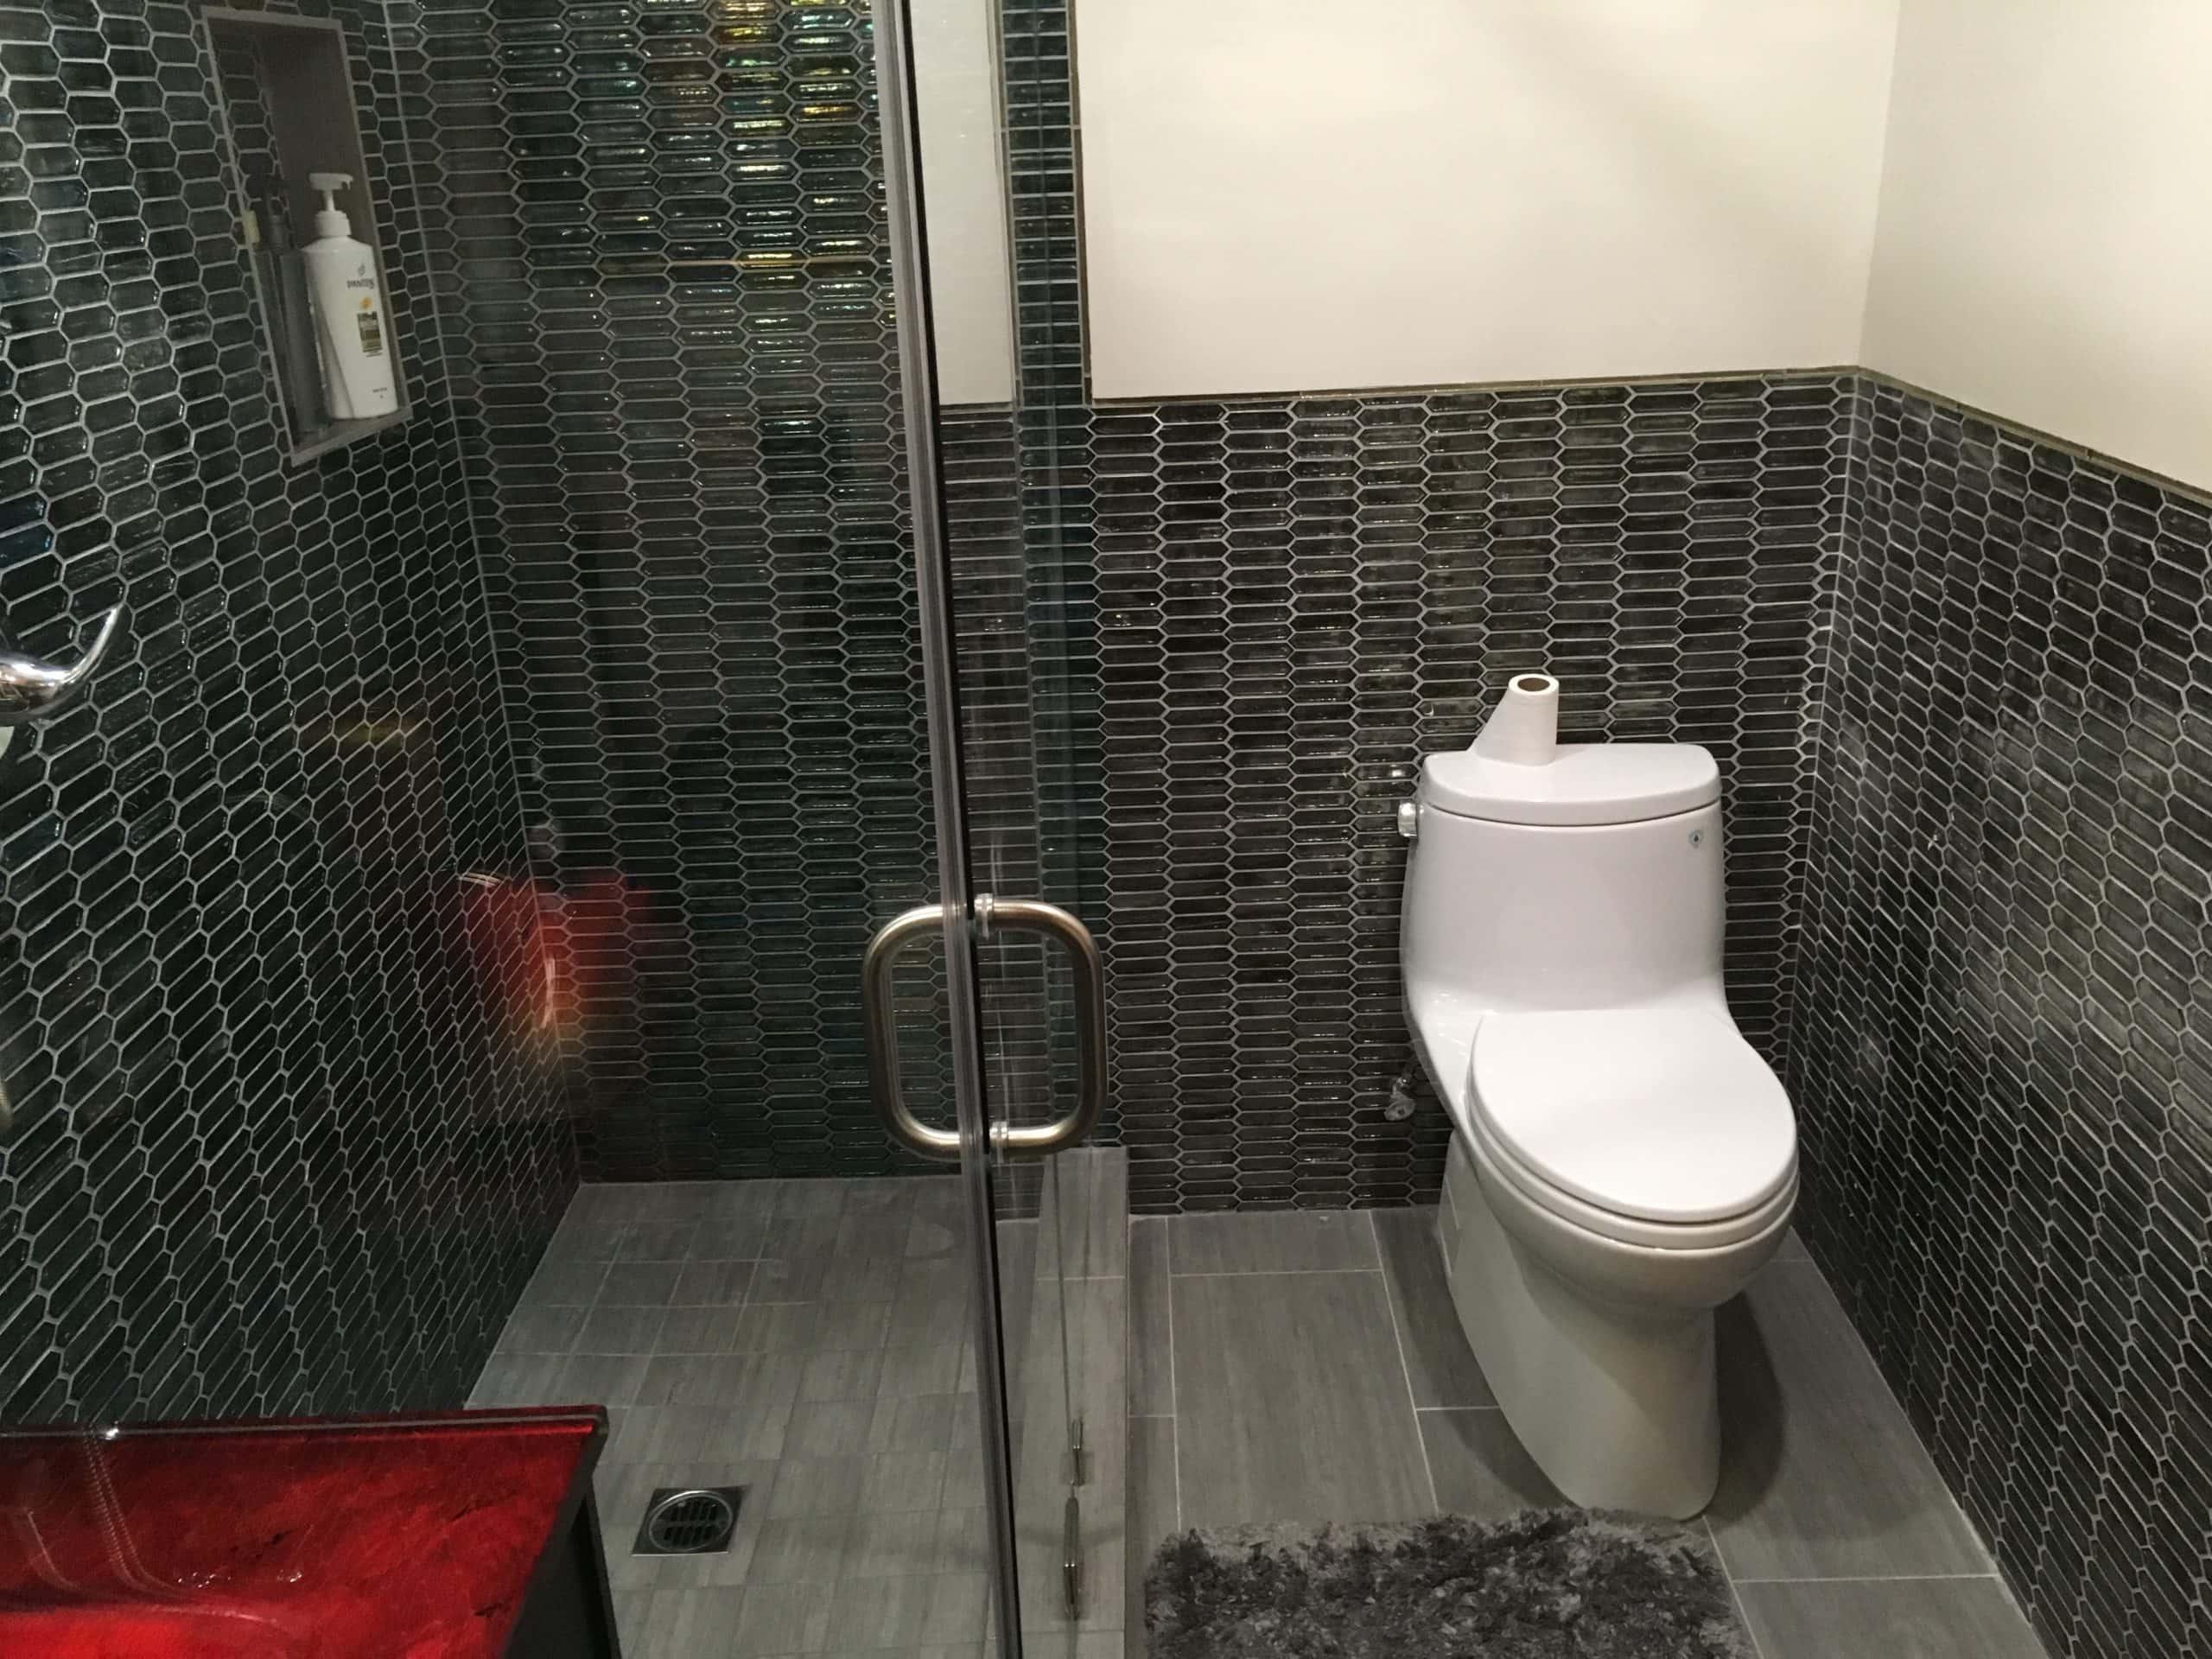 Los Angeles Bathroom Remodeling Contractor | Oran Remodeling